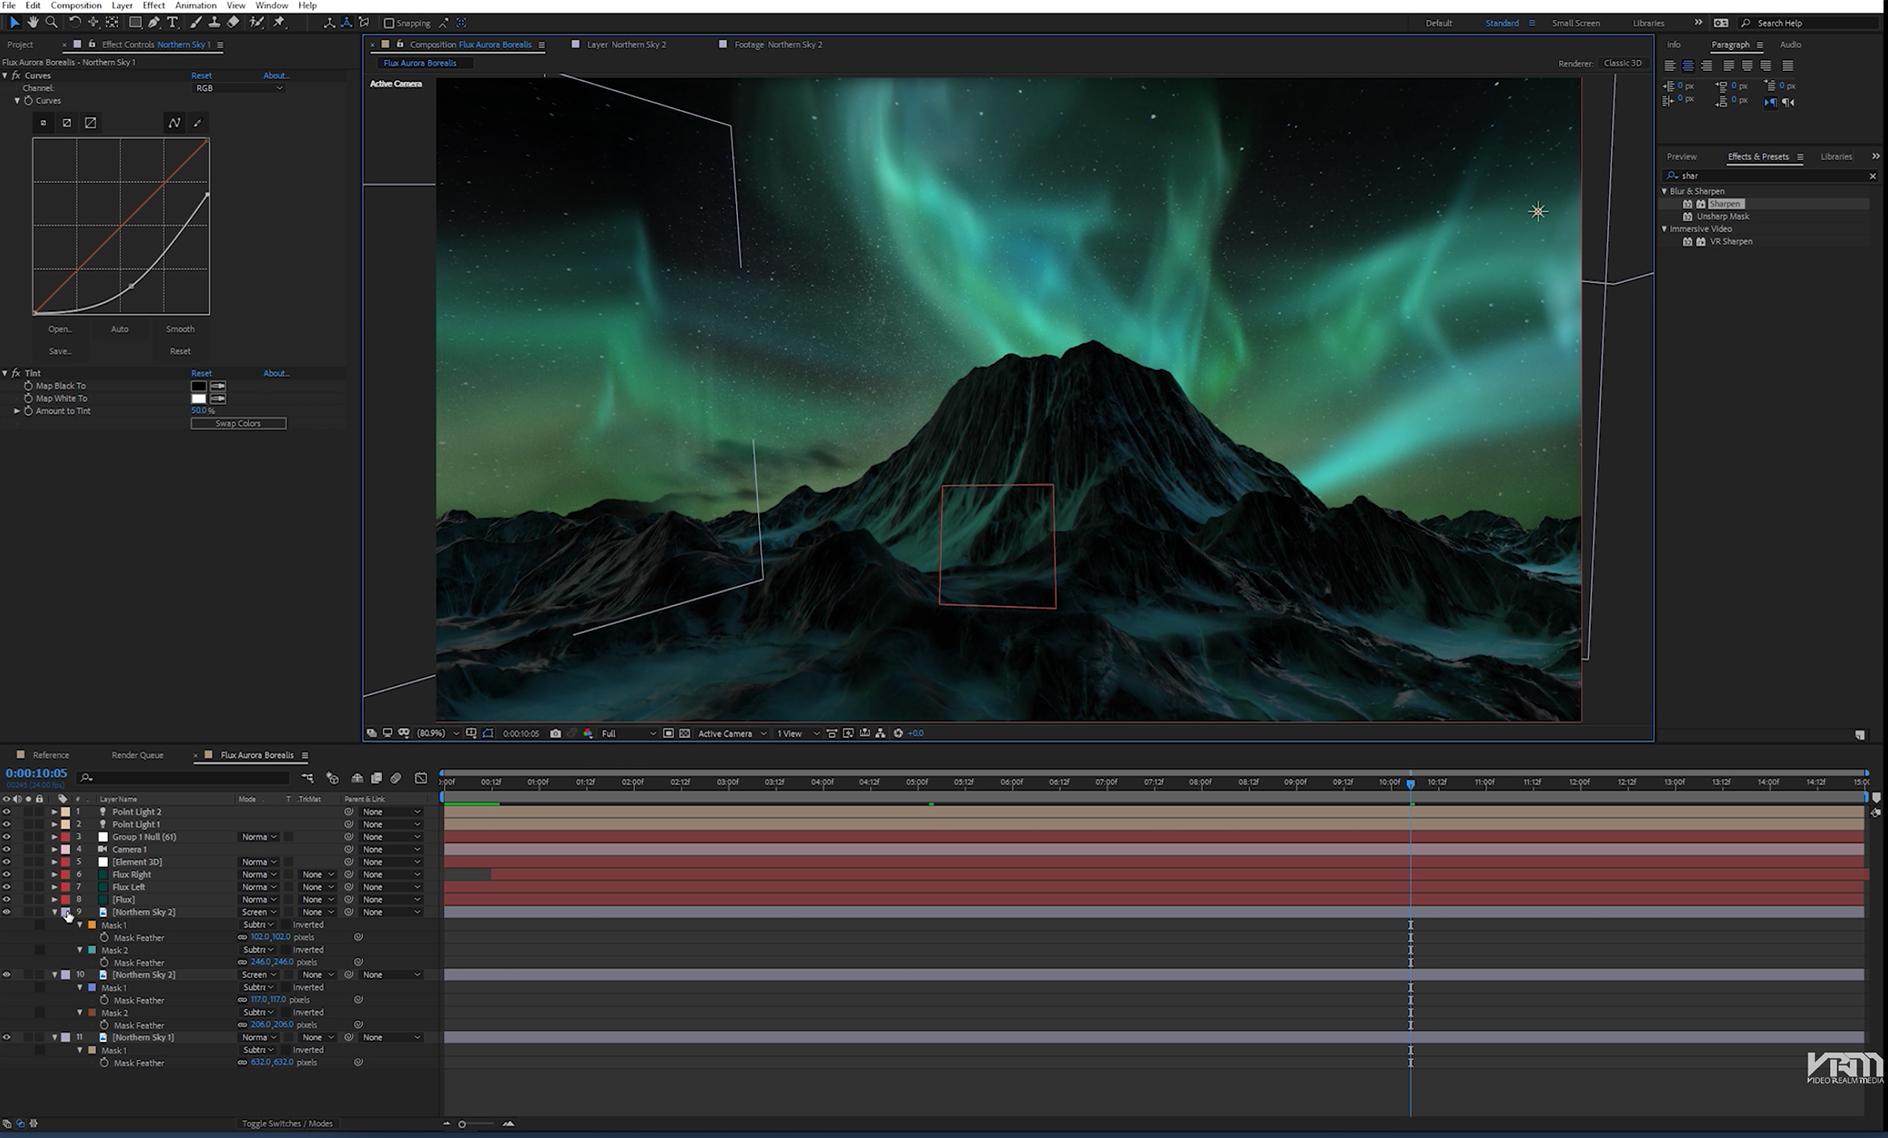 FLUX Aurora Borealis featured image